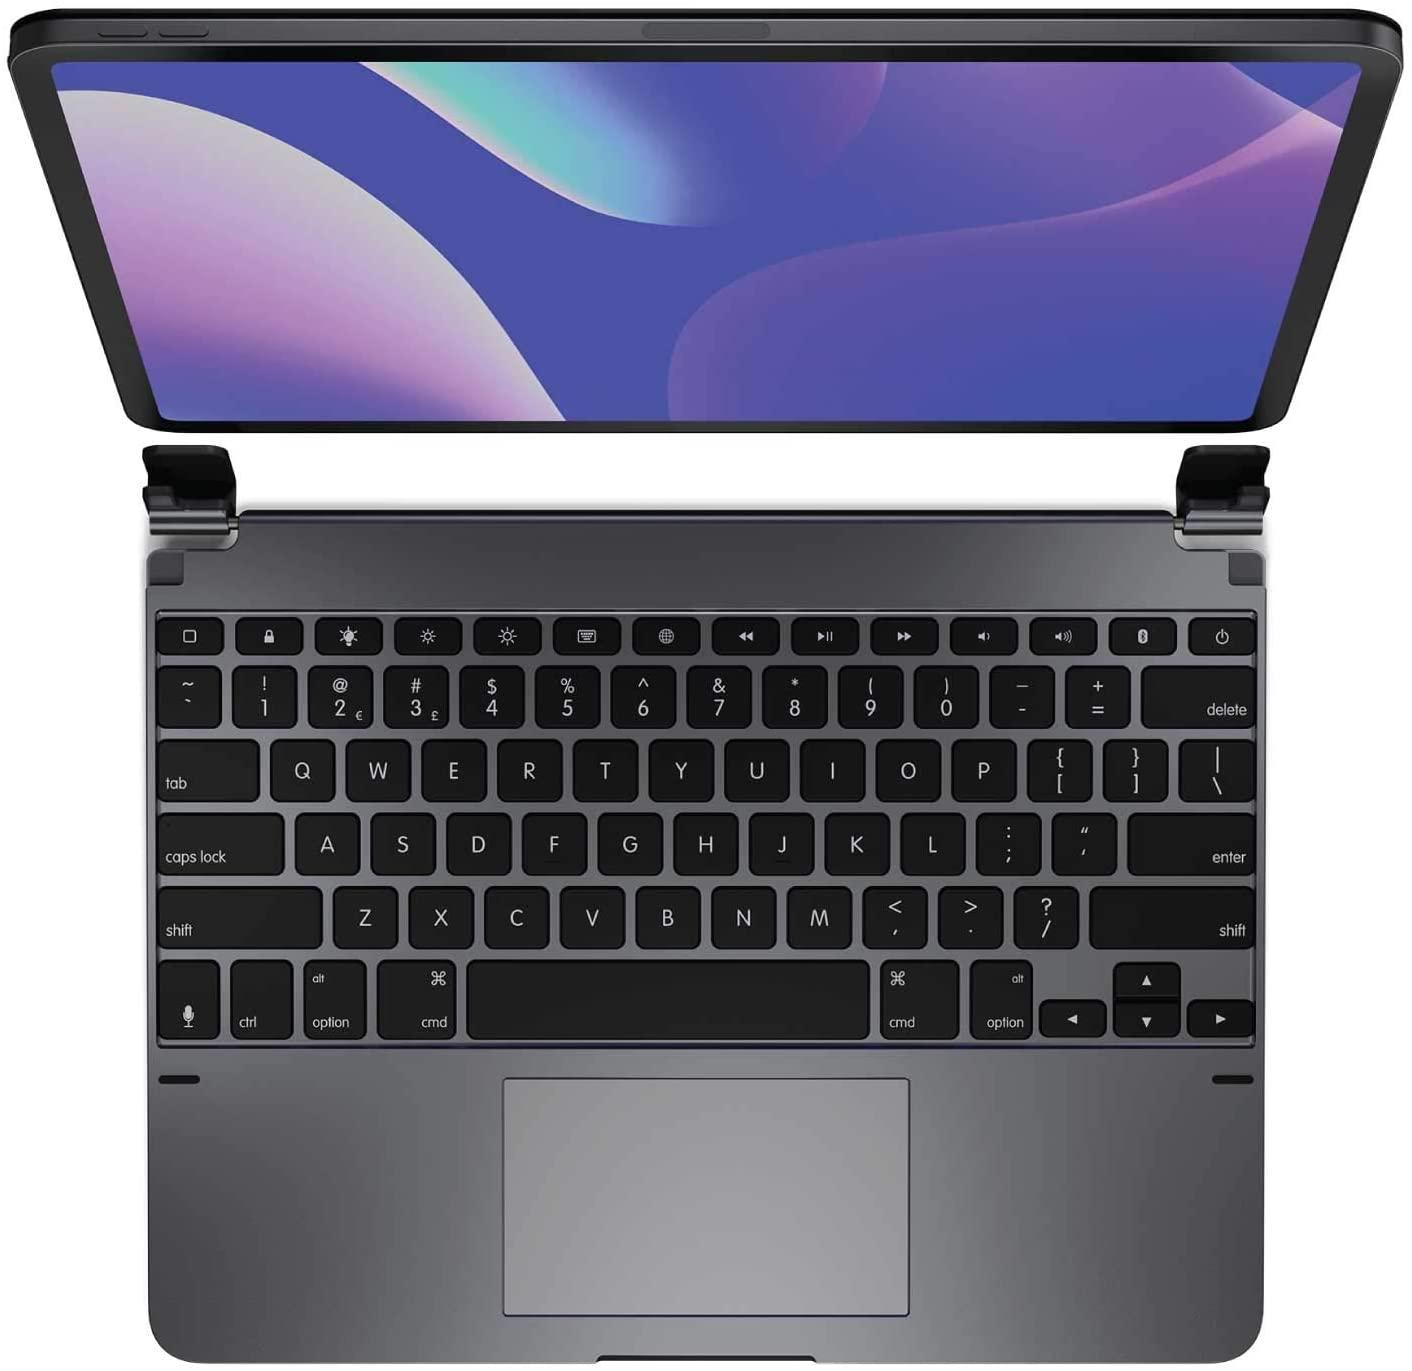 Brydge 12.9+ pro wireless keyboard